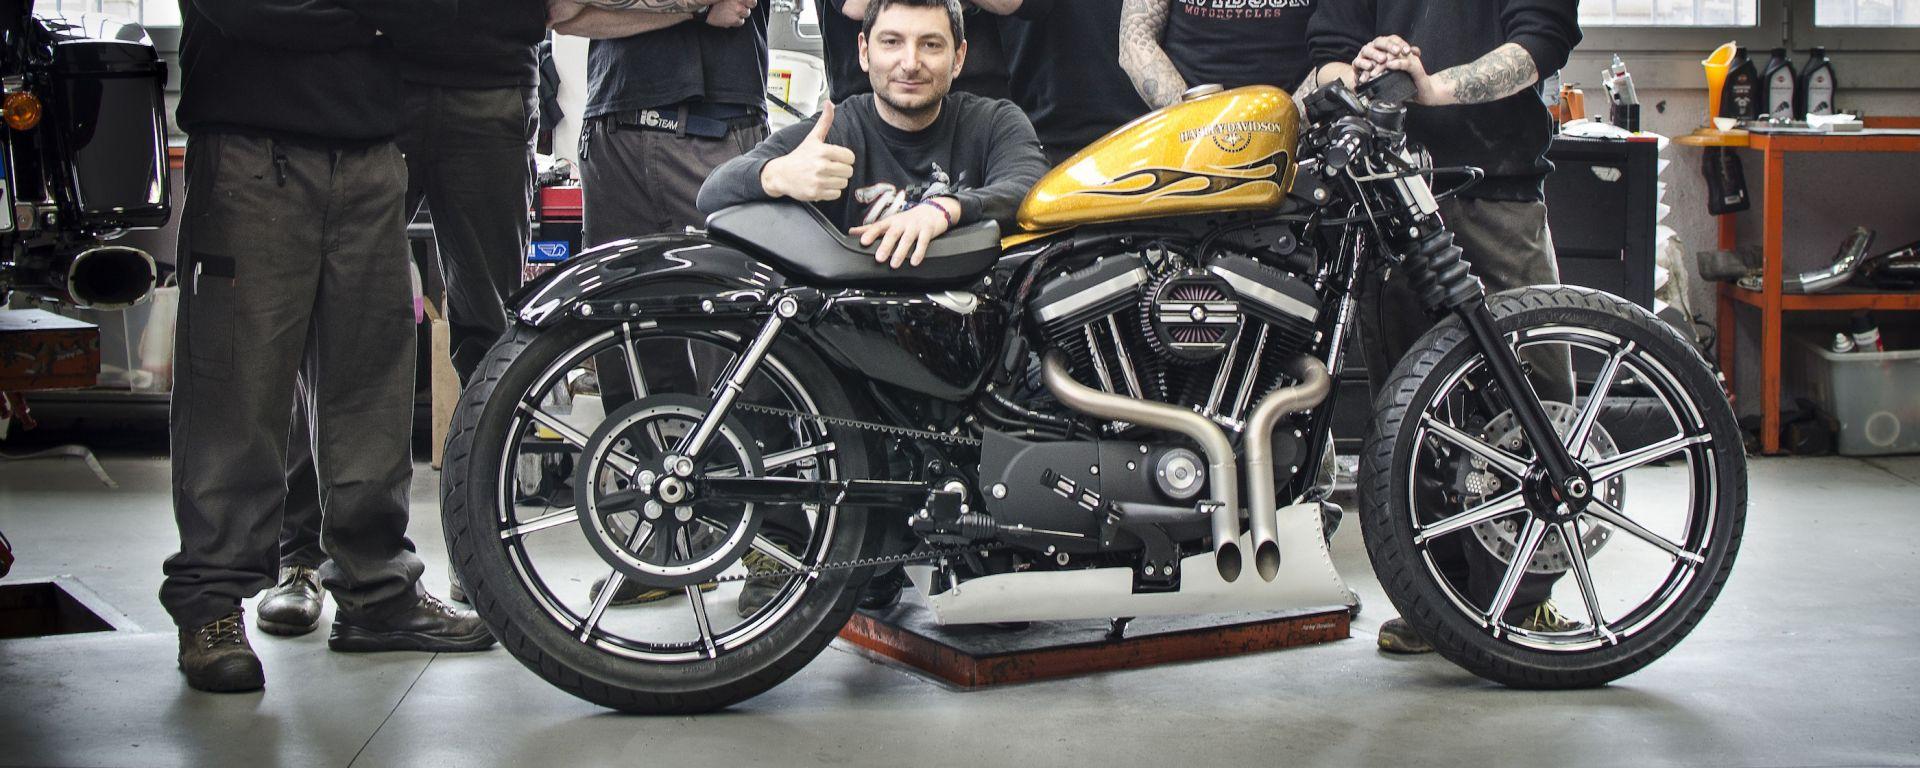 Harley-Davidson: il concessionario di Bologna vince la Battle of the kings